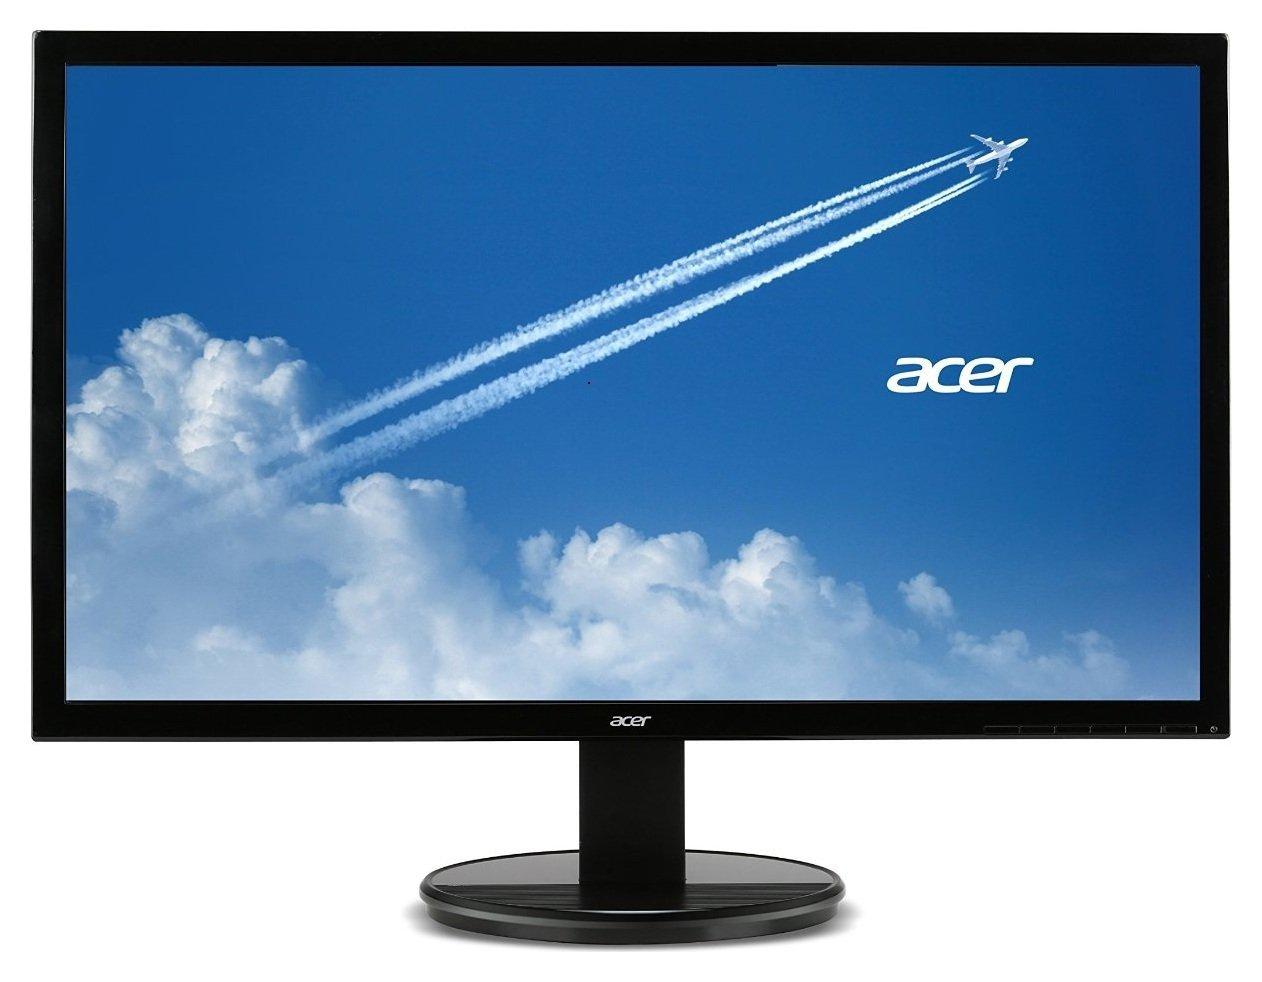 acer k272hl 27 inch monitor review. Black Bedroom Furniture Sets. Home Design Ideas